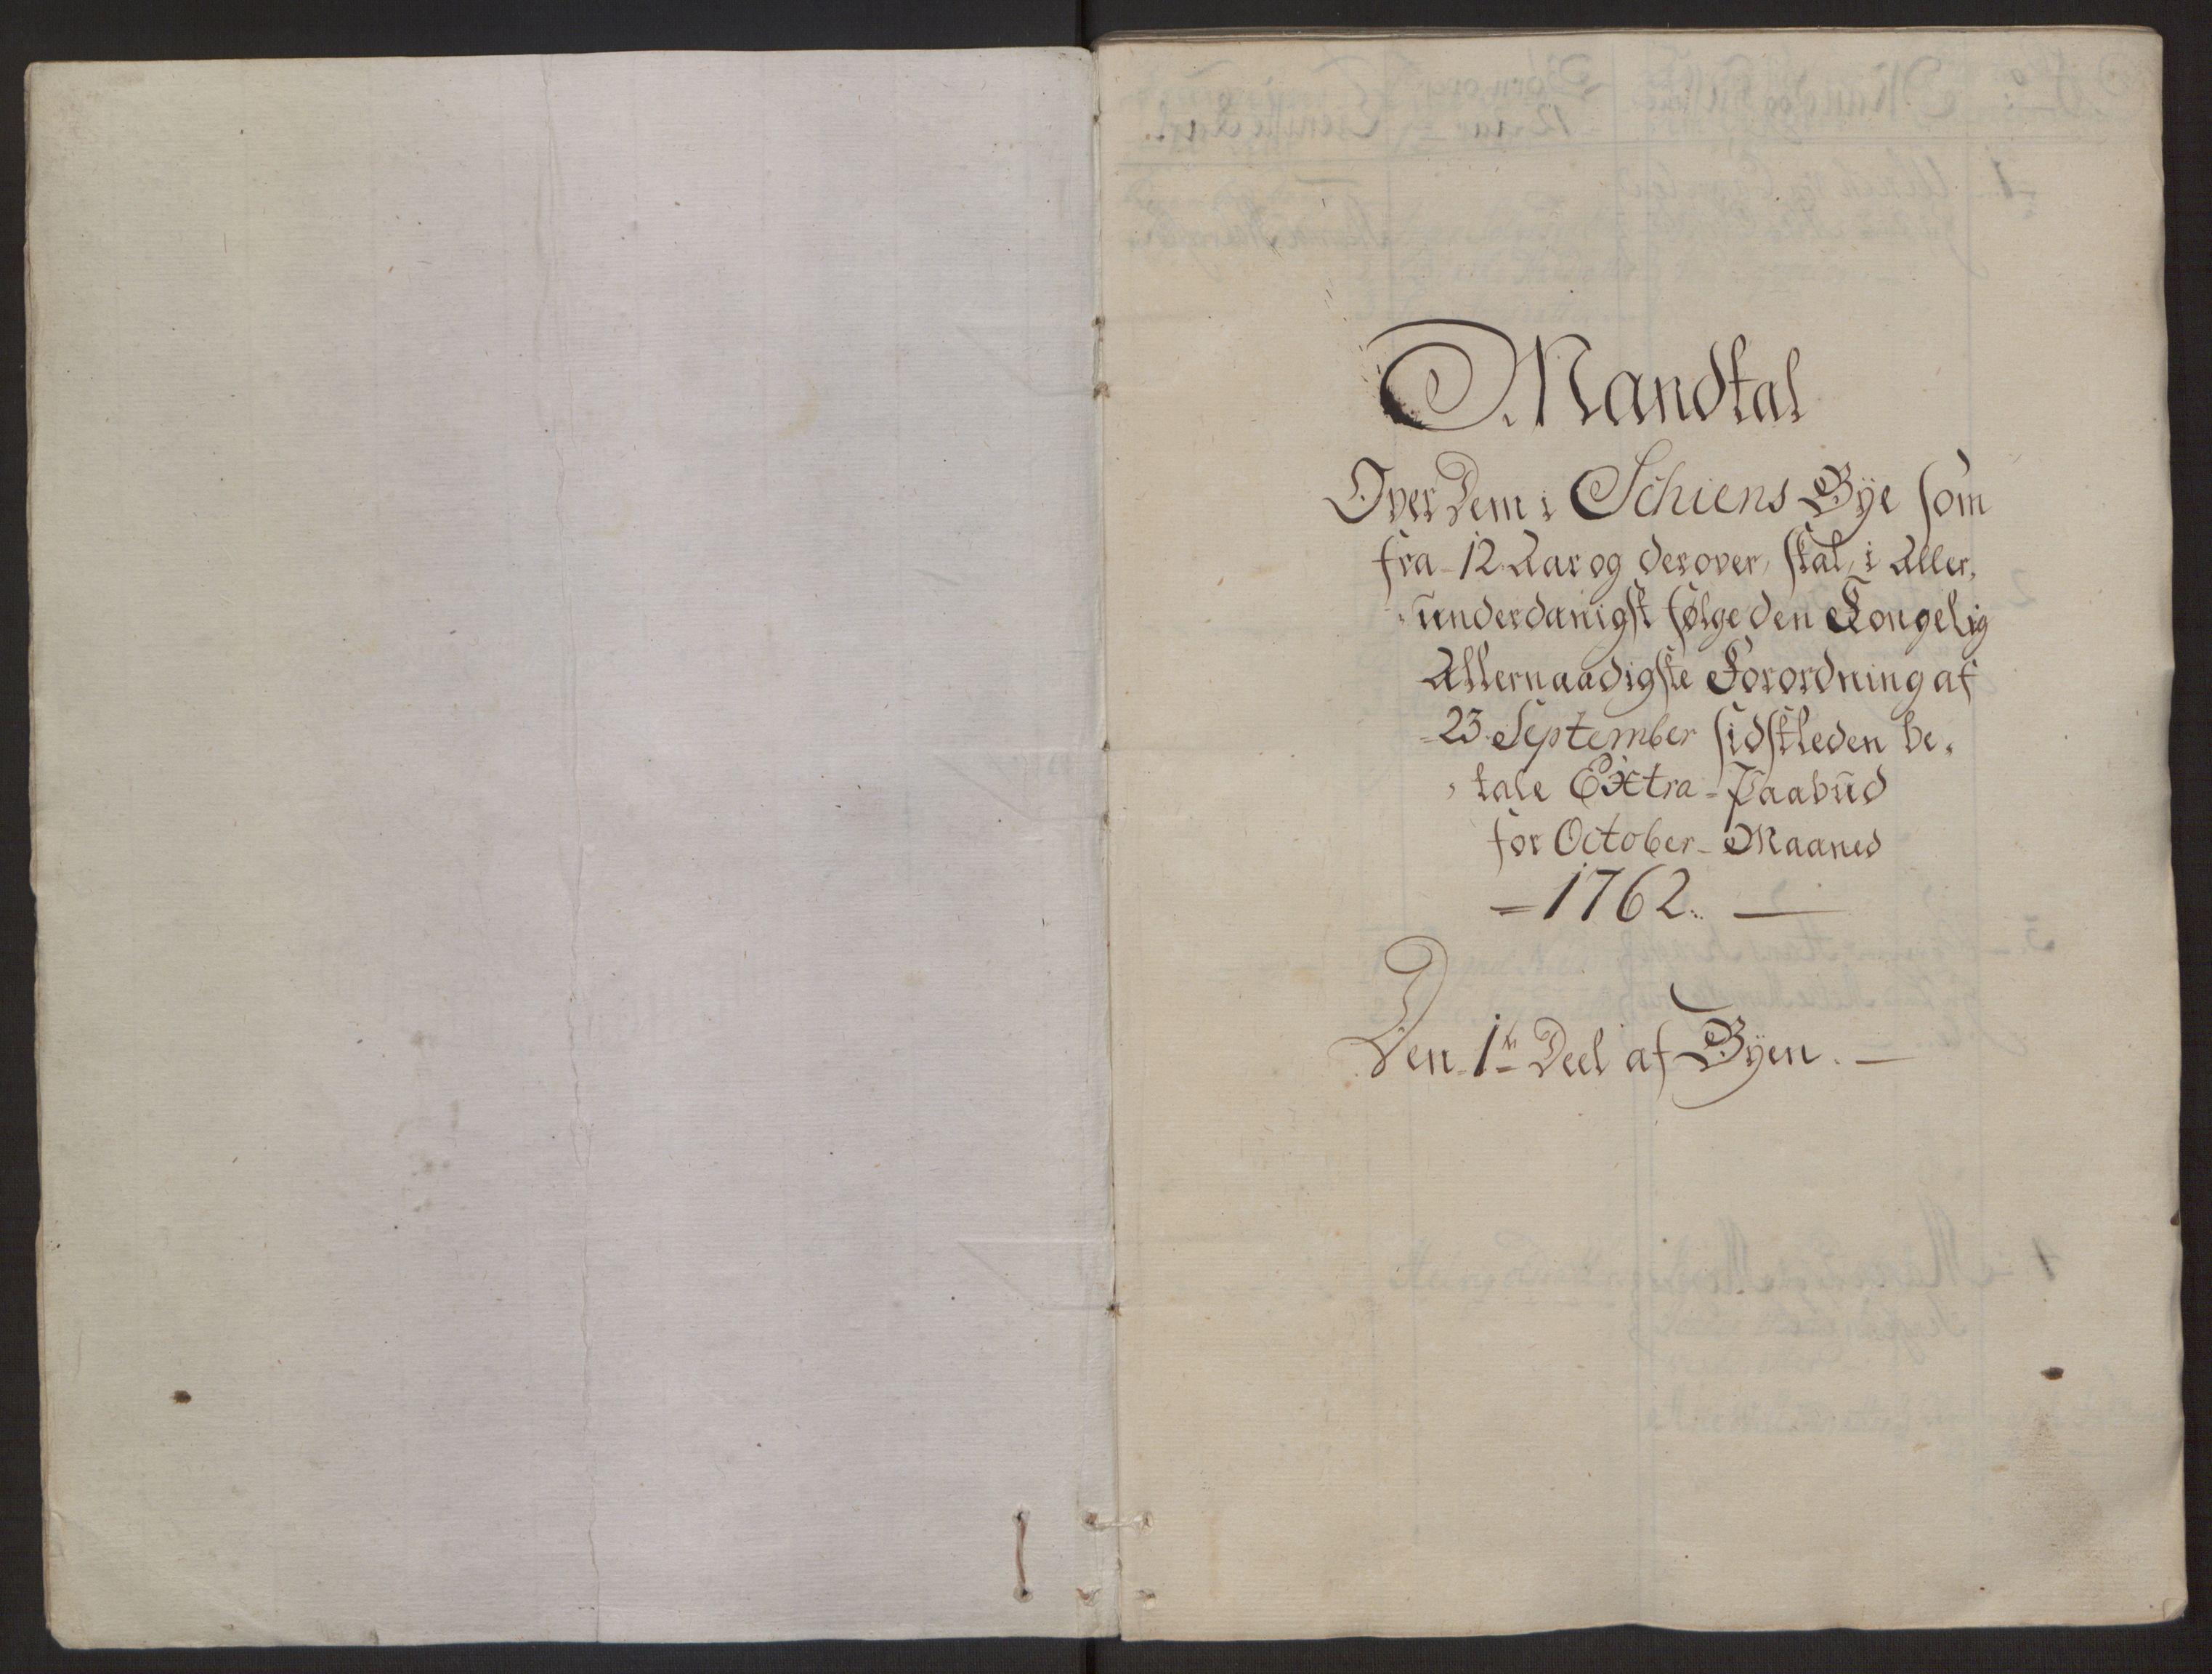 RA, Rentekammeret inntil 1814, Reviderte regnskaper, Byregnskaper, R/Rj/L0198: [J4] Kontribusjonsregnskap, 1762-1768, s. 11